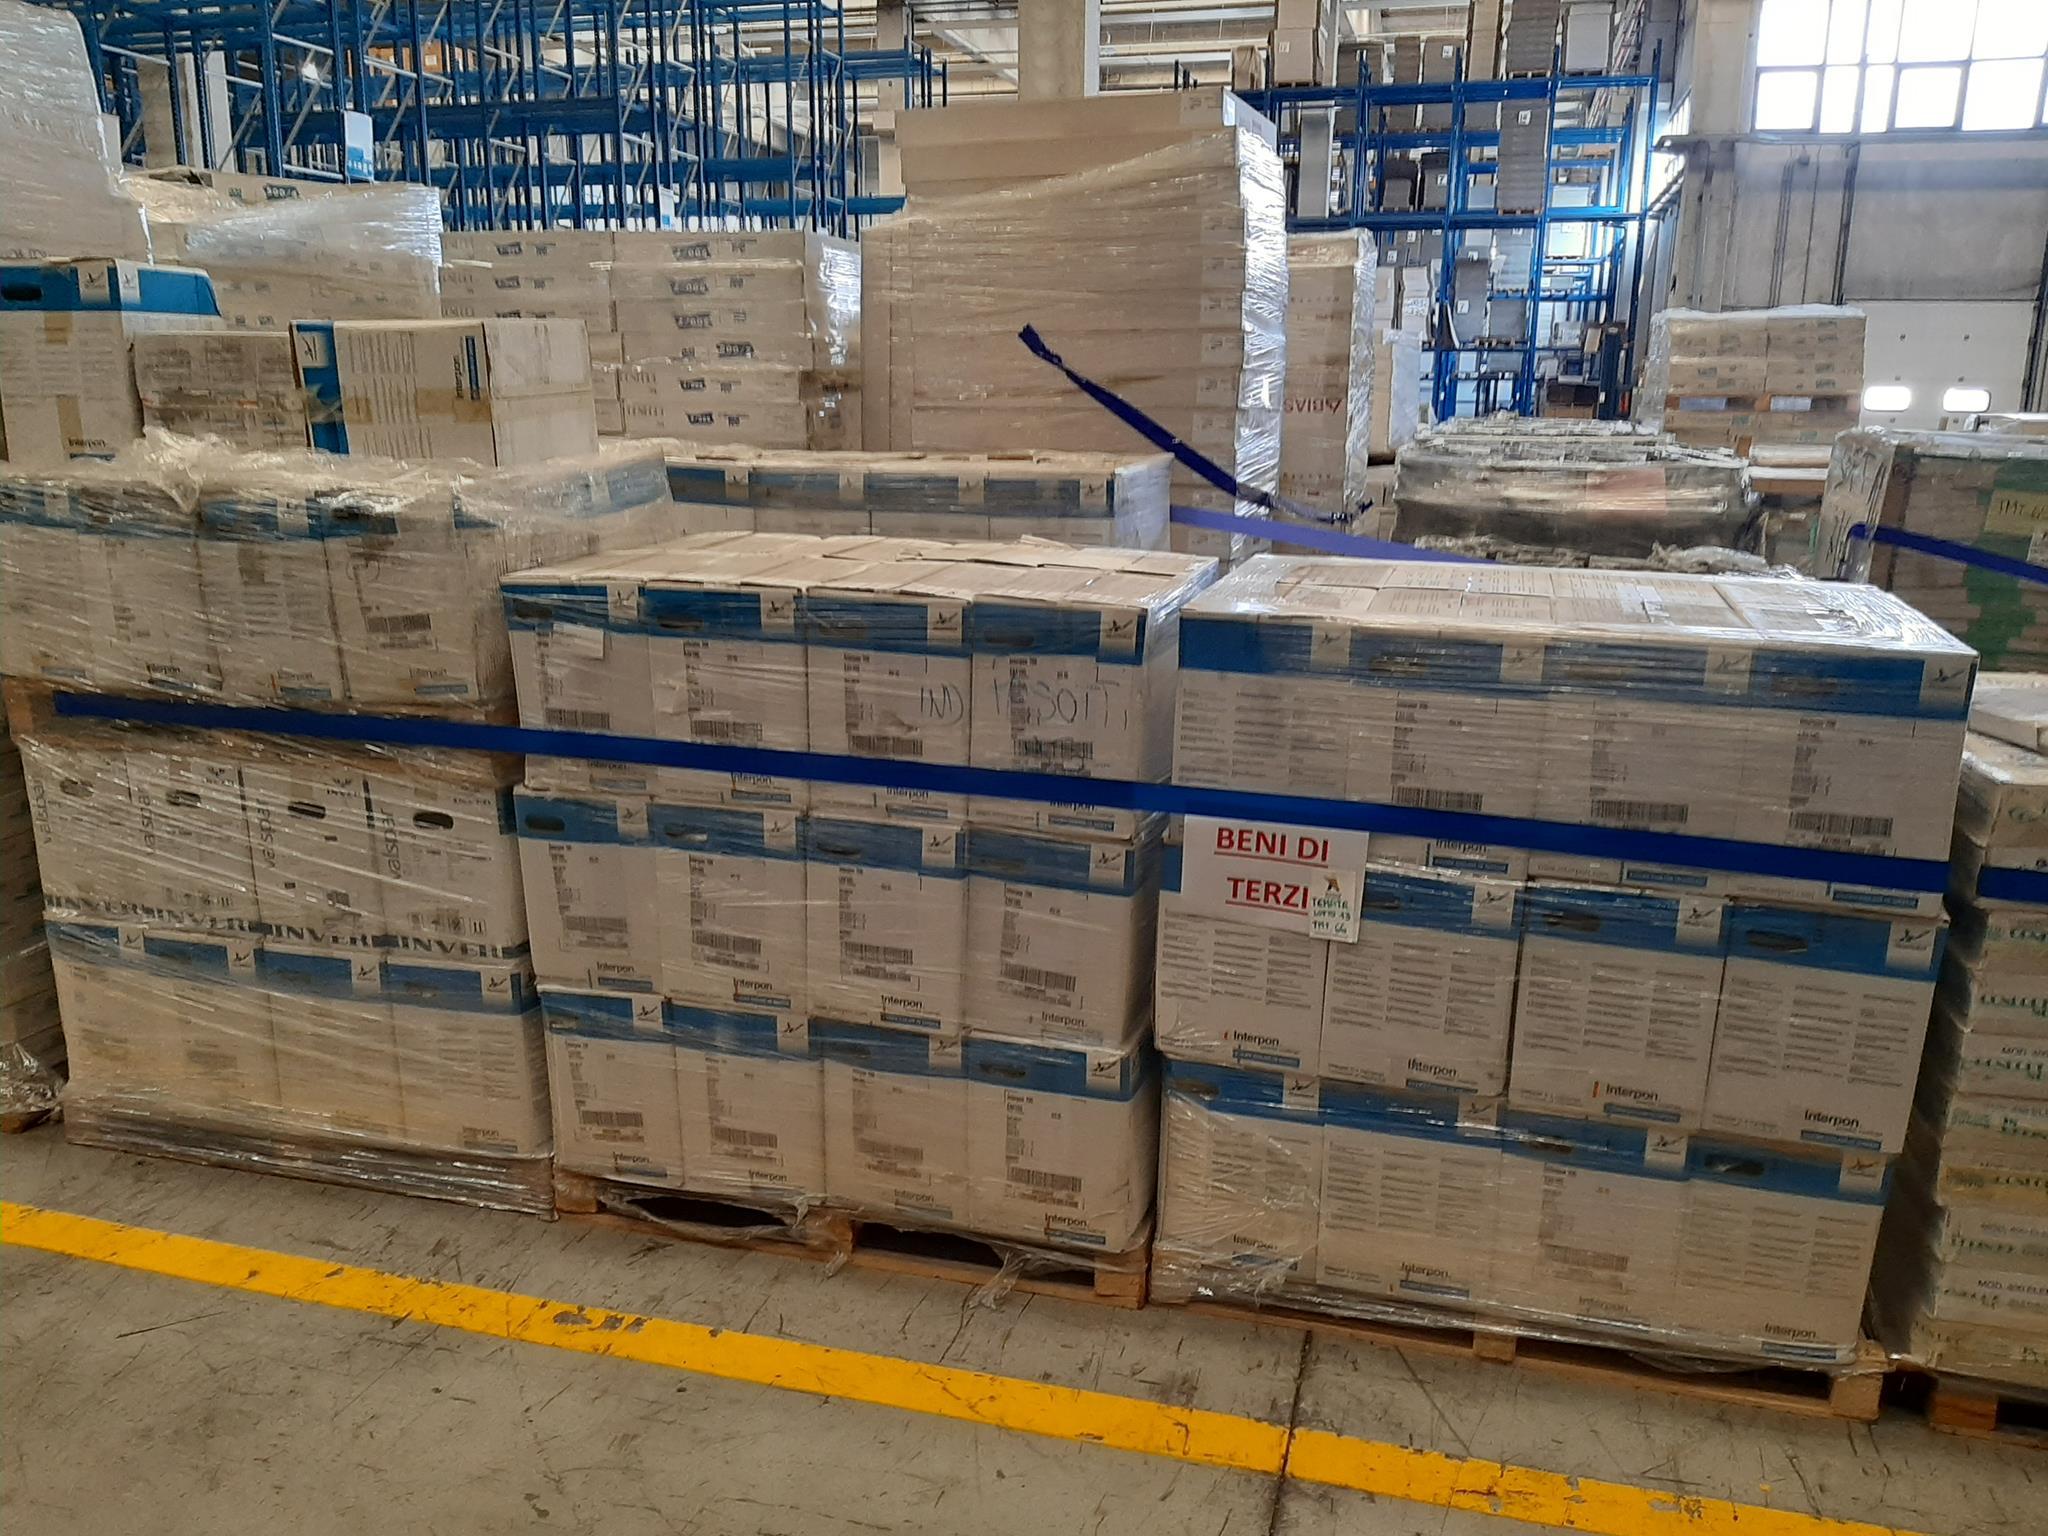 Scatole polvere verniciante e materiale in vendita - foto 6